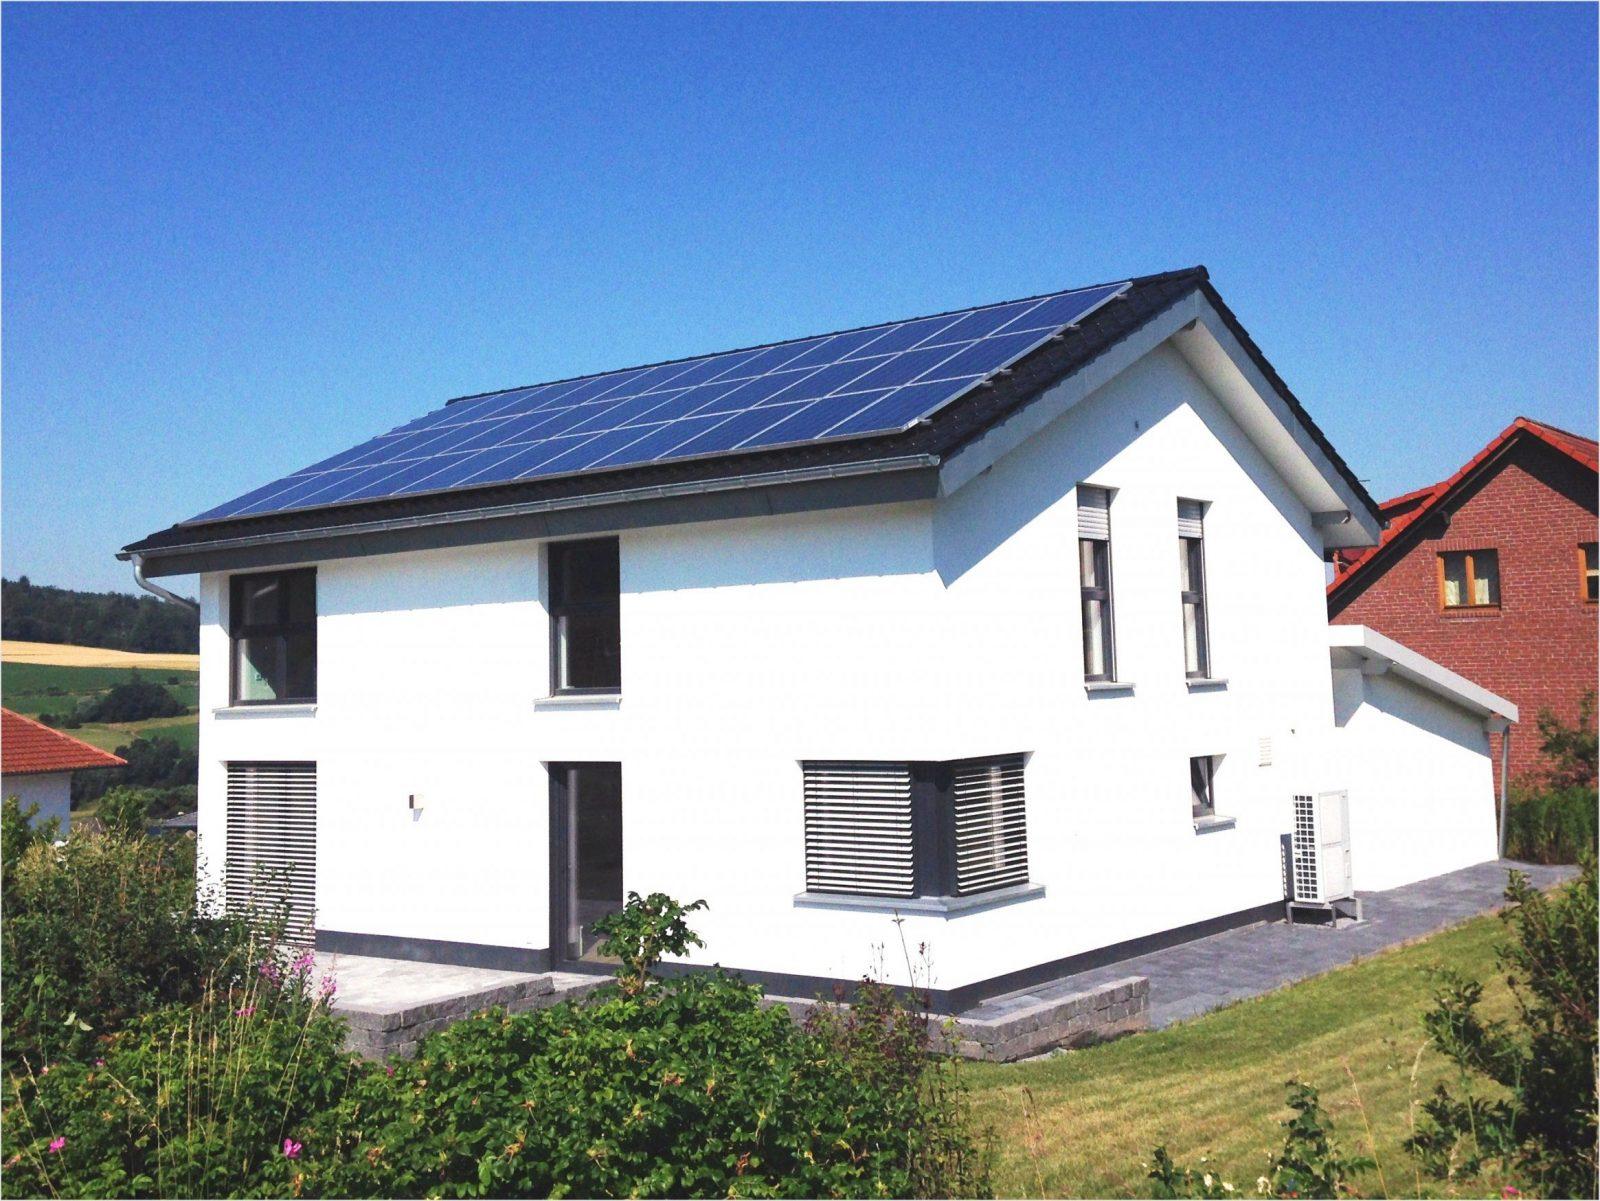 Haus Mit Pultdach Und Garage Kotz Haus Das Ziegelmassive